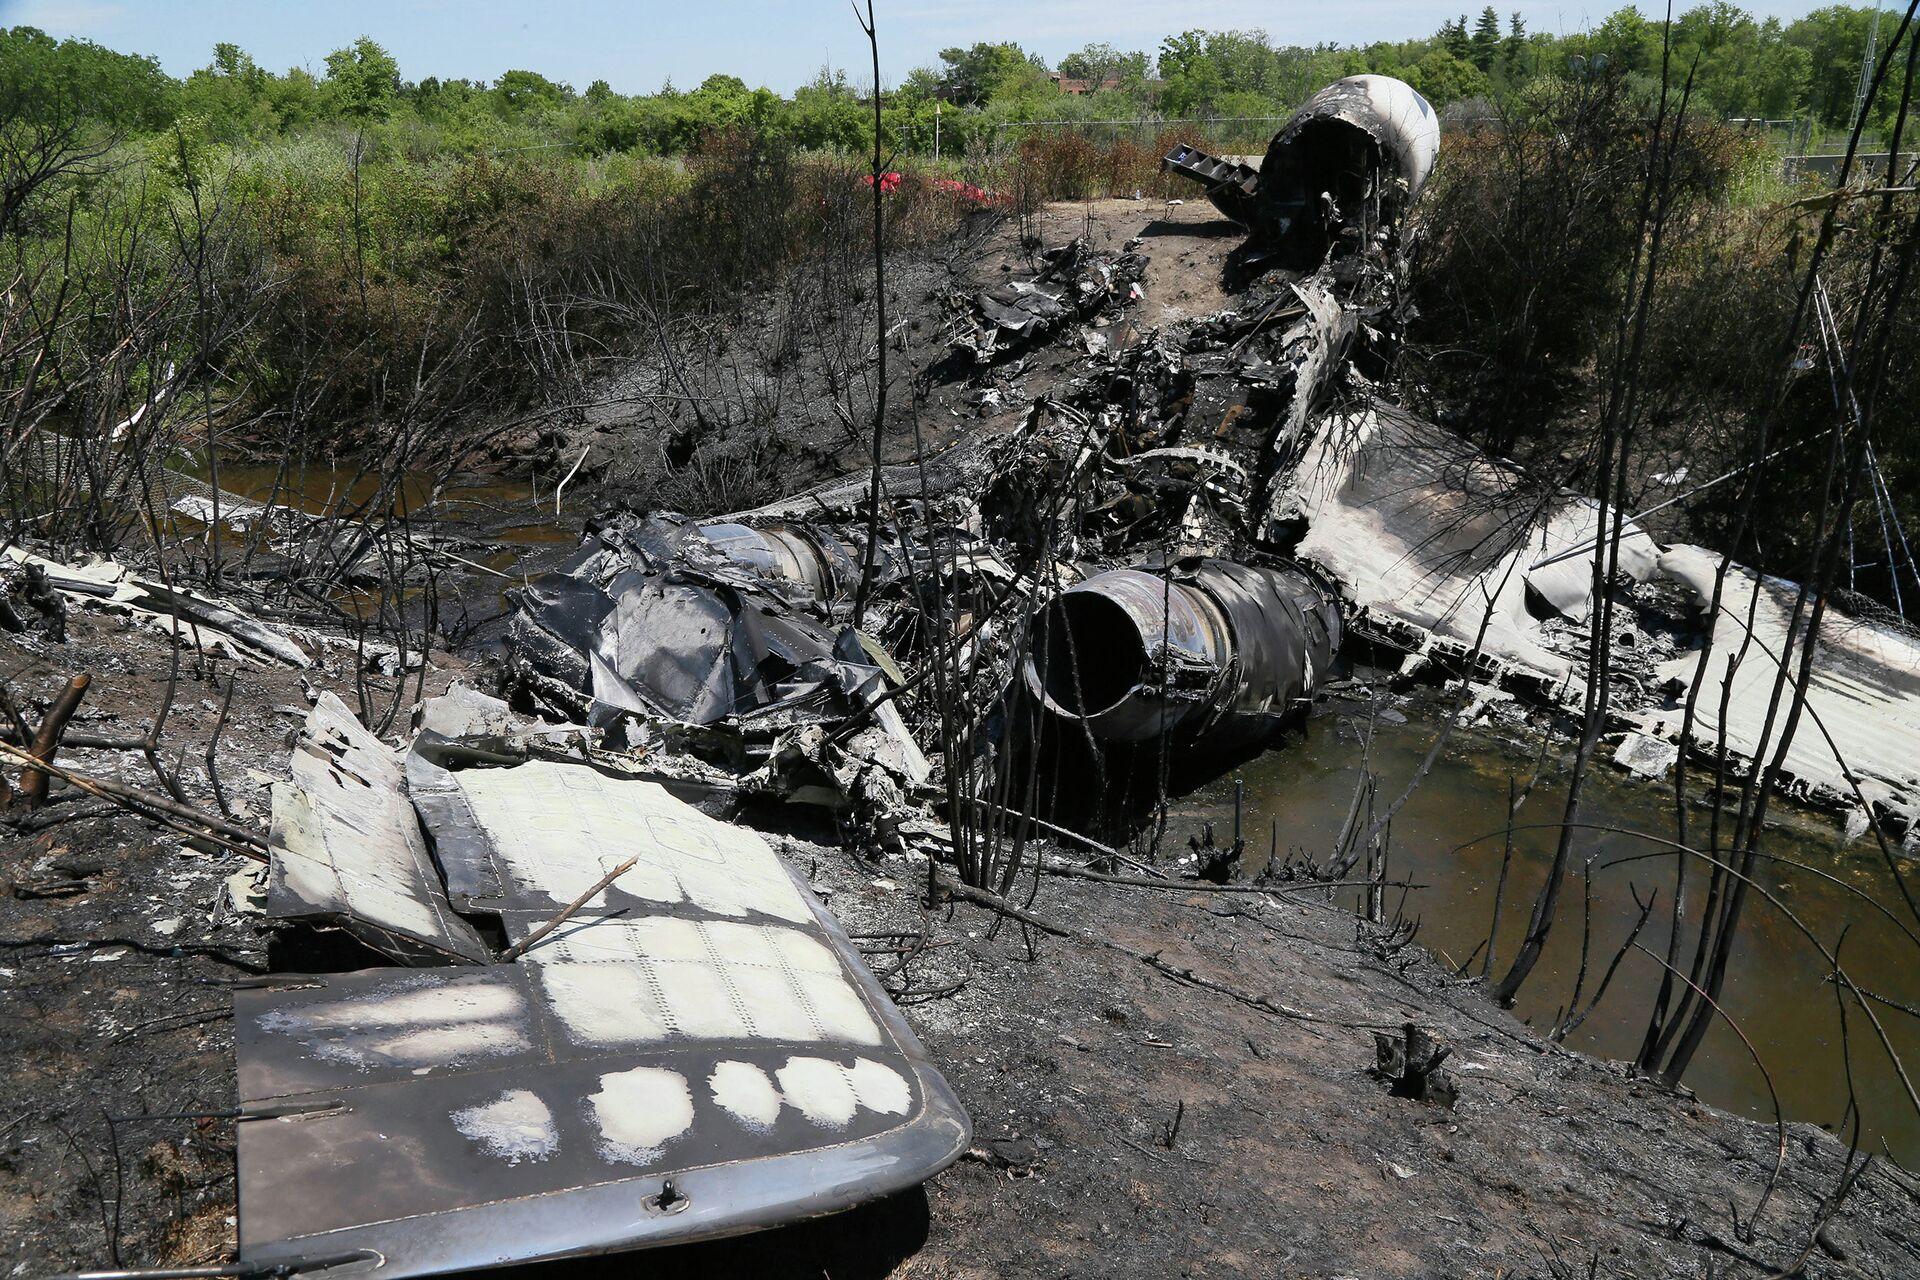 Обломки на месте крушения самолета в Бедфорде - РИА Новости, 1920, 09.06.2021